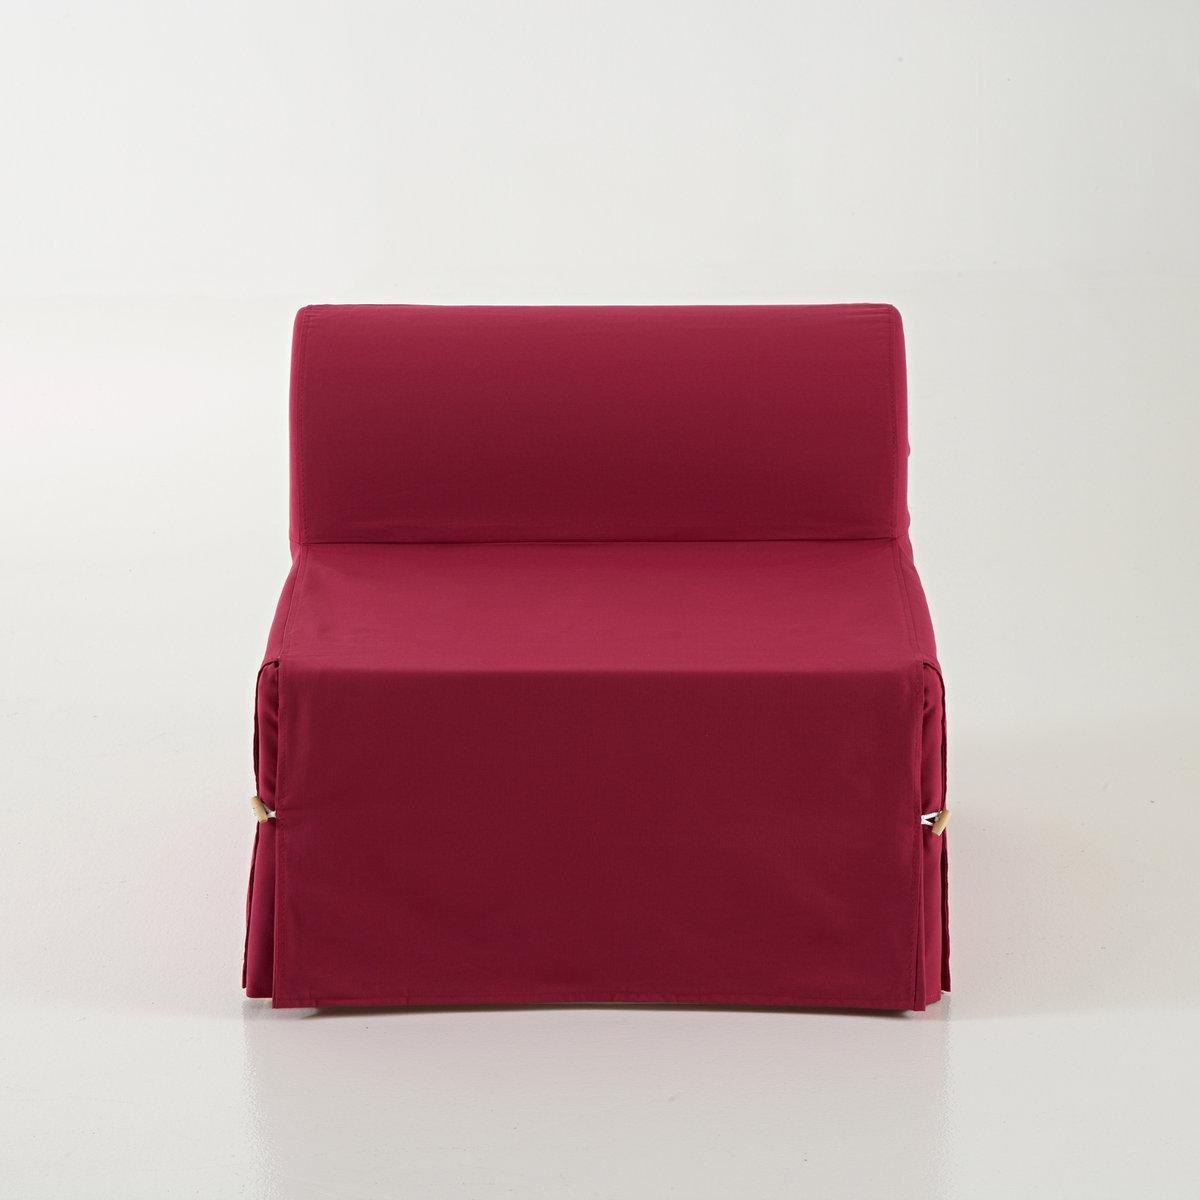 Кресло-банкетка-кровать Bultex, Dave MeetingНизкое сиденье-банкетка-кровать Bultex,  Dave Meeting . Стиль и комфорт . Обивка 100% хлопка придает ему натуральную простоту . Идеально для небольших пространств . Производство: Франция. Размеры кресла Dave Meeting Bultex :  Общие  :  Ширина : 70 см  Высота : 61 см  Глубина : 78 см  Сиденье :  Высота 36 см   В лежачем положении:  70 x 185 см .    Толщина : 18 см.. Обивка:100% хлопка (220г/м?). Съемный чехол. Уход : сухая чистка. Застежка на деревянные пуговицы.  Ультракомфорт Bultex :  Матрас с полиуретановым наполнителем  35кг/м? Bultex, толщина 18 см. Раскладывается в кровать.                                                 Найдите другие модели из коллекции Meeting на нашем сайте .    Доставка :  Ваше кресло-банкетка-кровать Dave Meeting будет доставлено до квартиры !  Внимание ! Убедитесь, что посылку возможно доставить на дом, учитывая ее габариты.    Размеры и вес ящика :  1 упаковка  108 x 28 x 61 см, 5 кг<br><br>Цвет: антрацит,бирюзовый,красный,серо-коричневый,серый,сливовый,фуксия